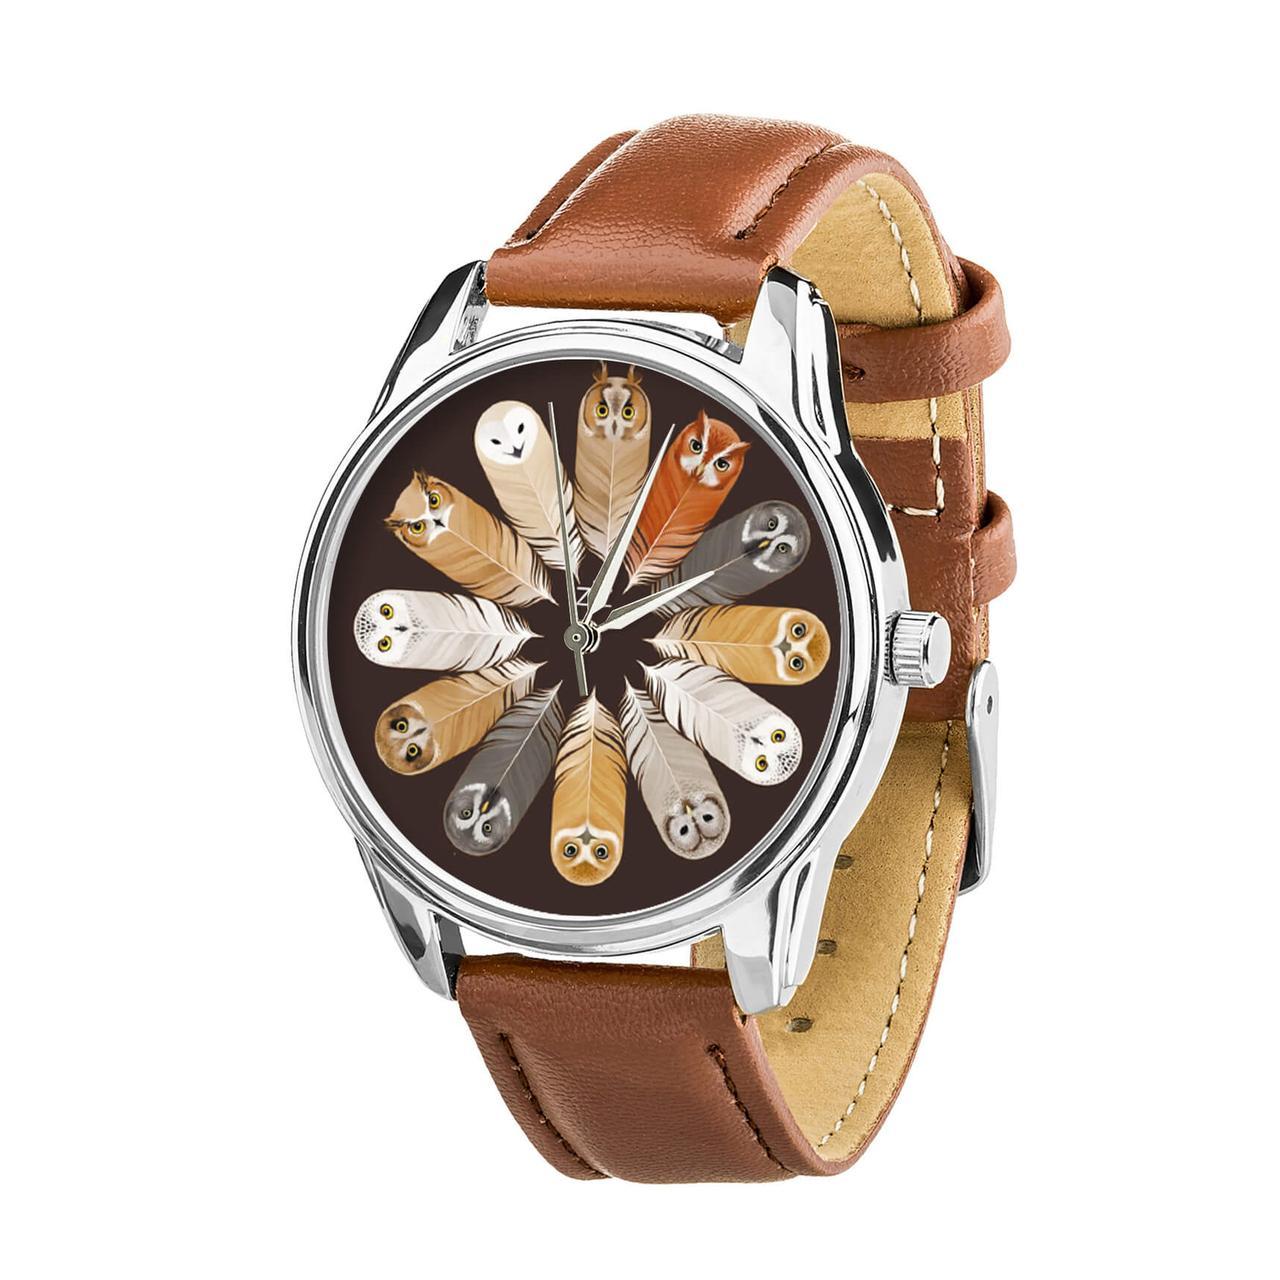 Часы наручные ZIZ Совы (ремешок кофейно - шоколадный, серебро) + дополнительный ремешок